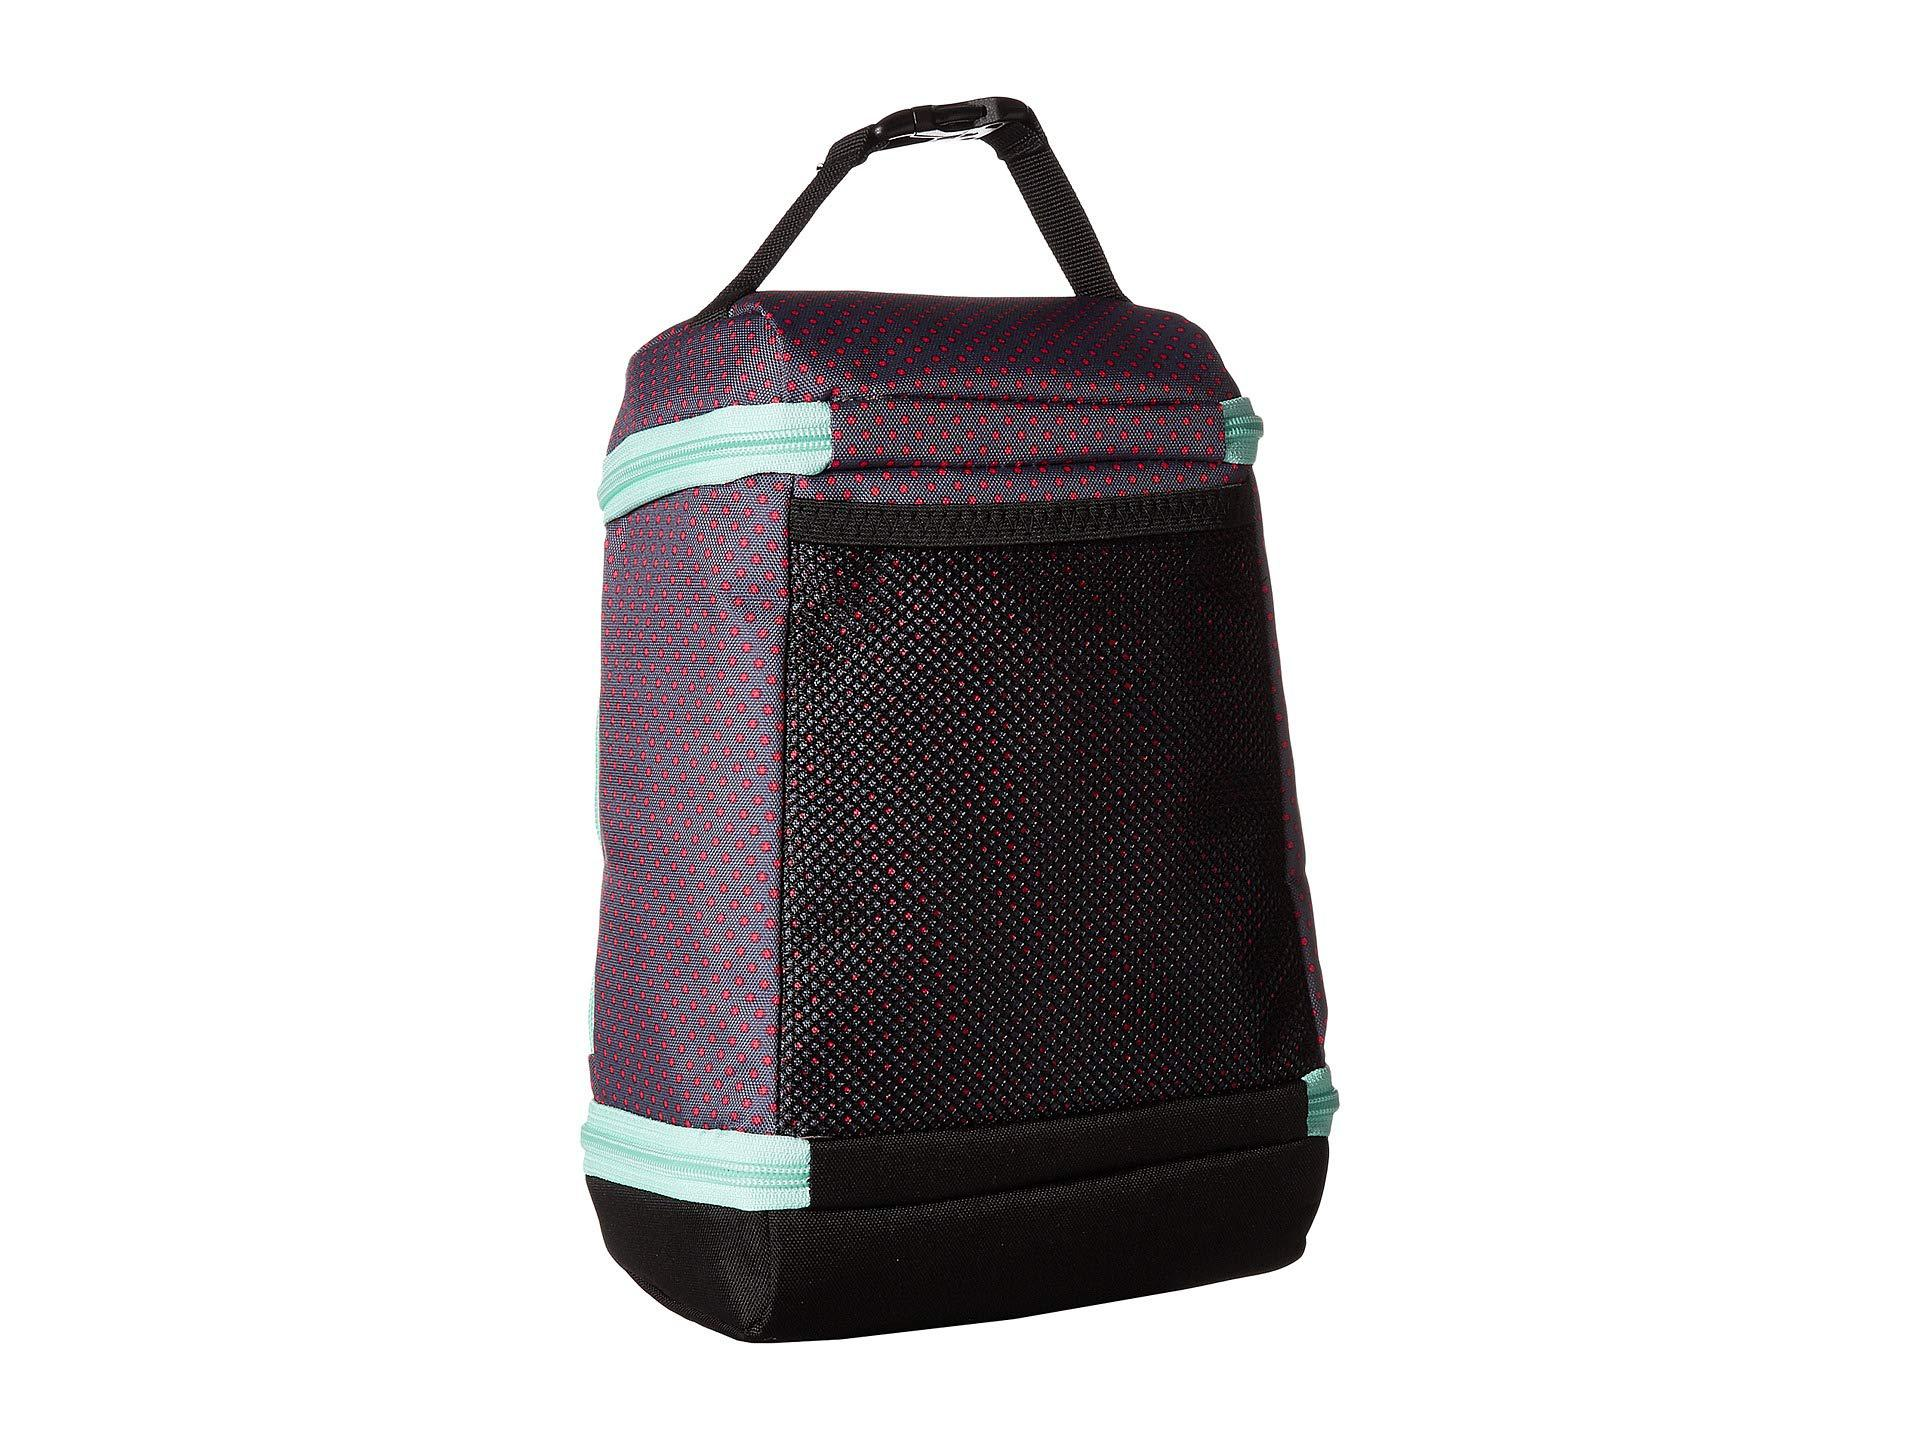 Adidas - Black Excel Lunch Bag - Lyst. View fullscreen 73f9bd15c967a